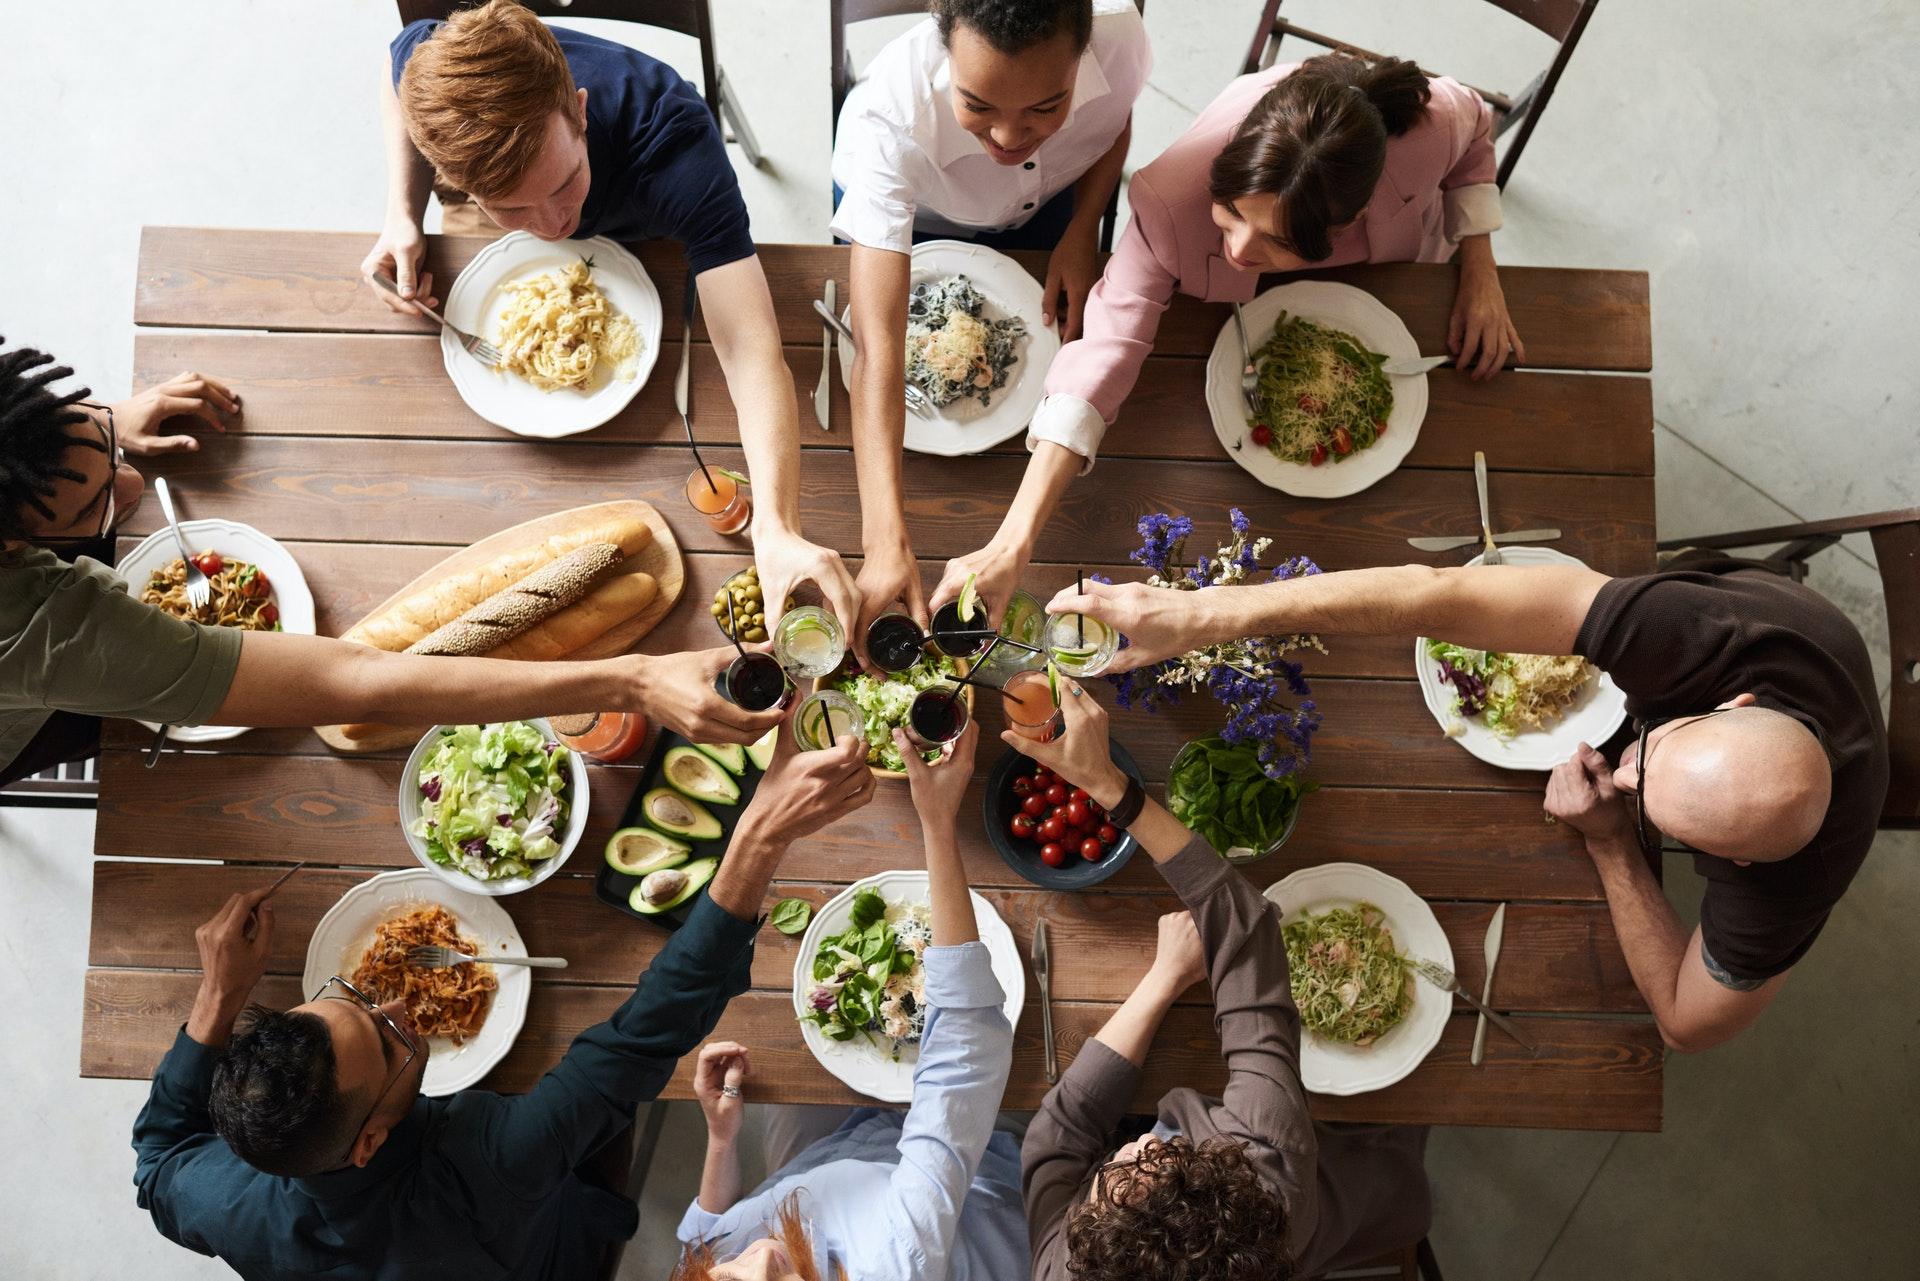 Нутрициолог Савельева назвала продукты, вызывающие пищевую зависимость